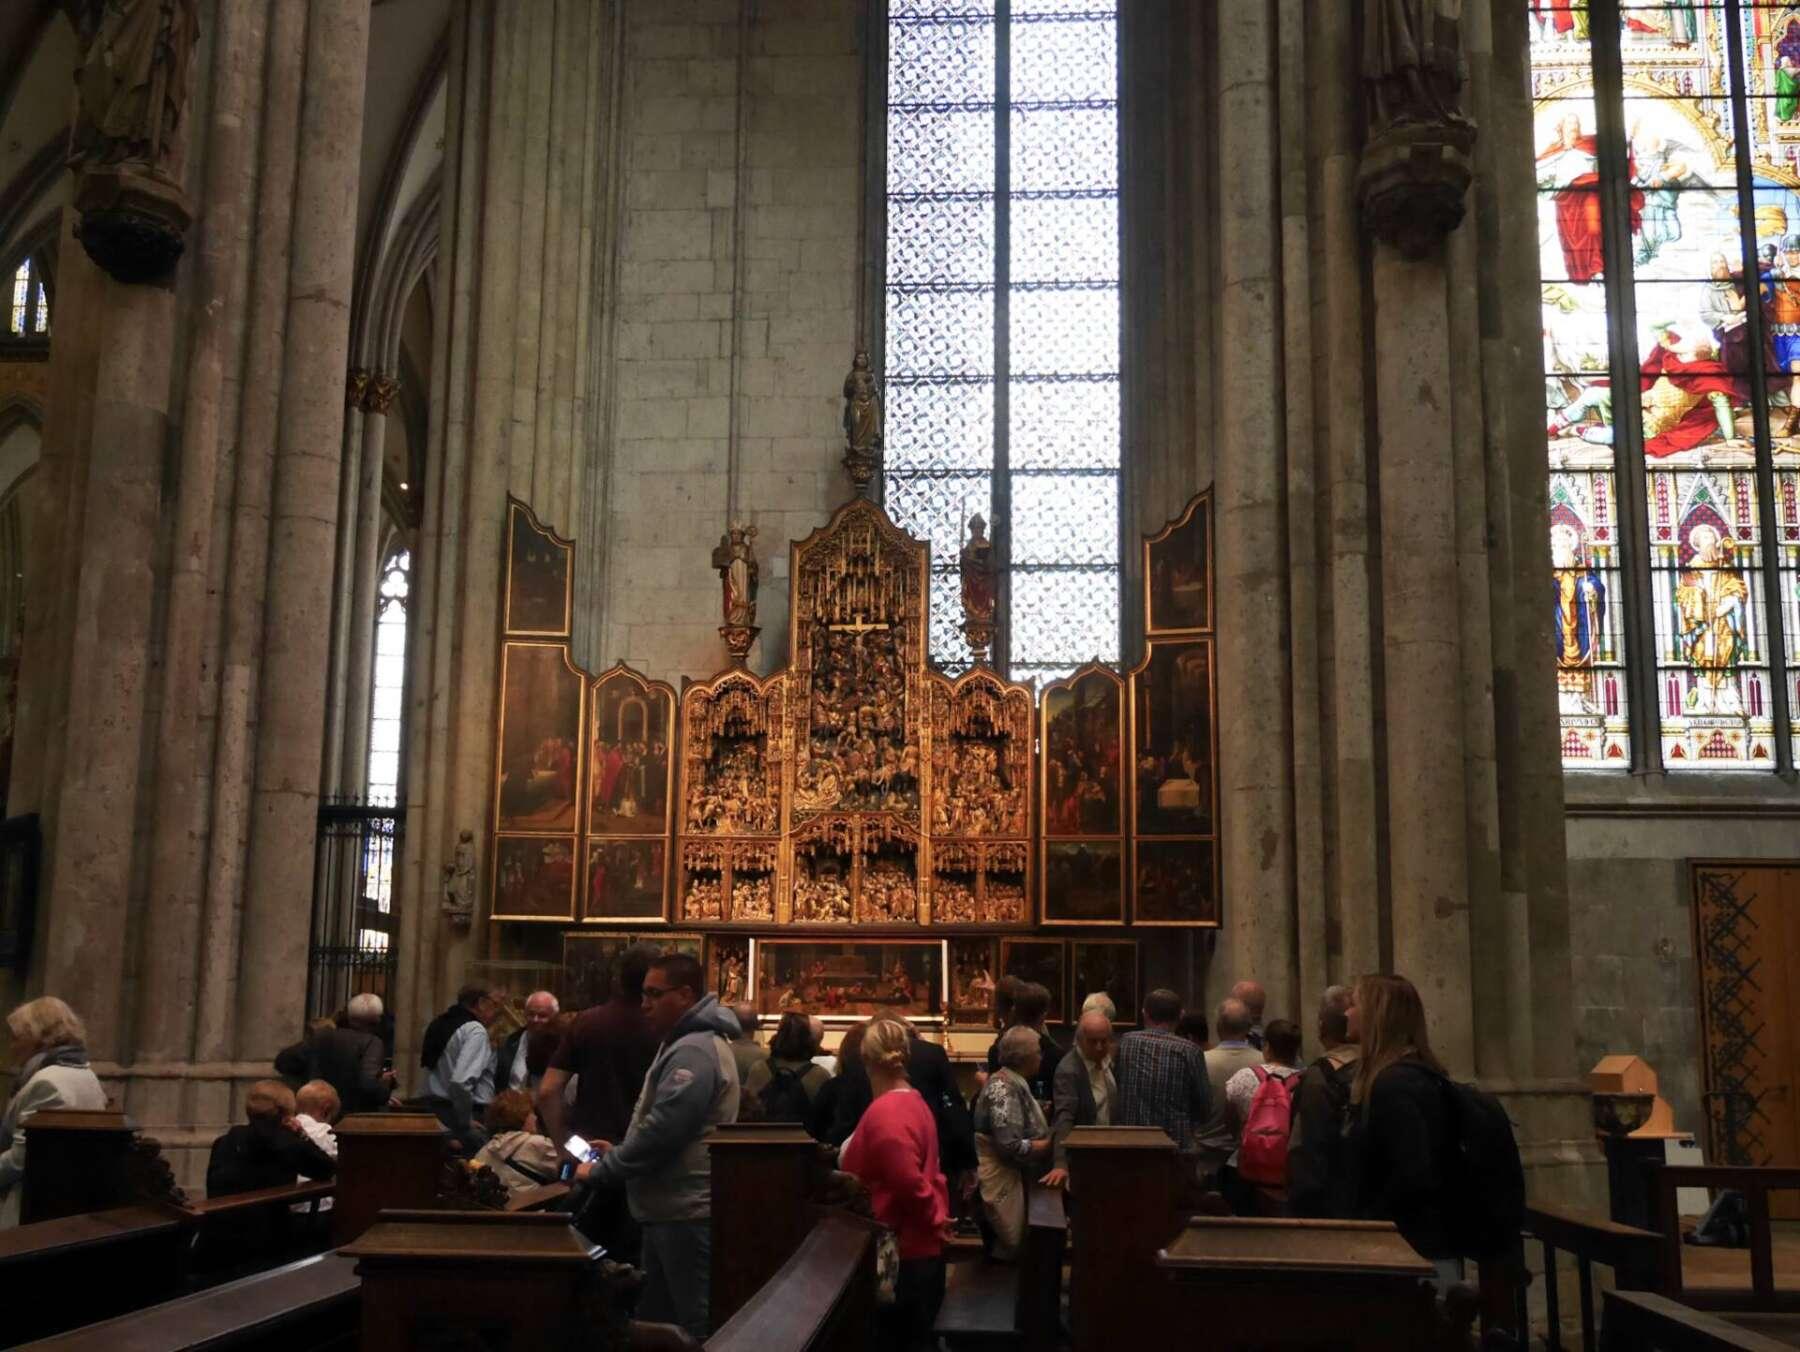 มหาวิหารโคโลญ (Cologne Cathedral)